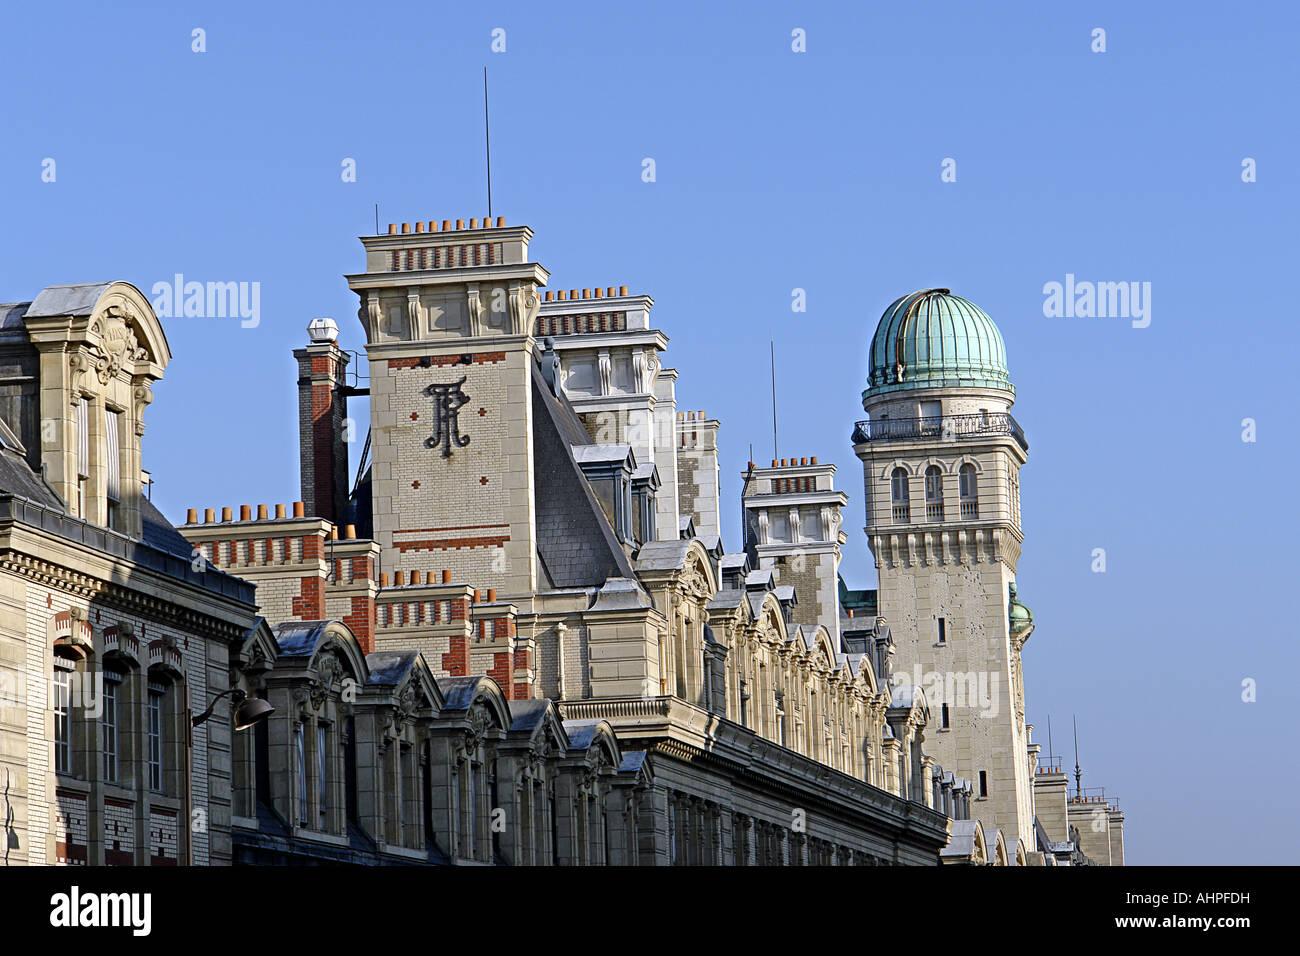 Dächer der Universität Sorbonne in Paris Frankreich Stockbild